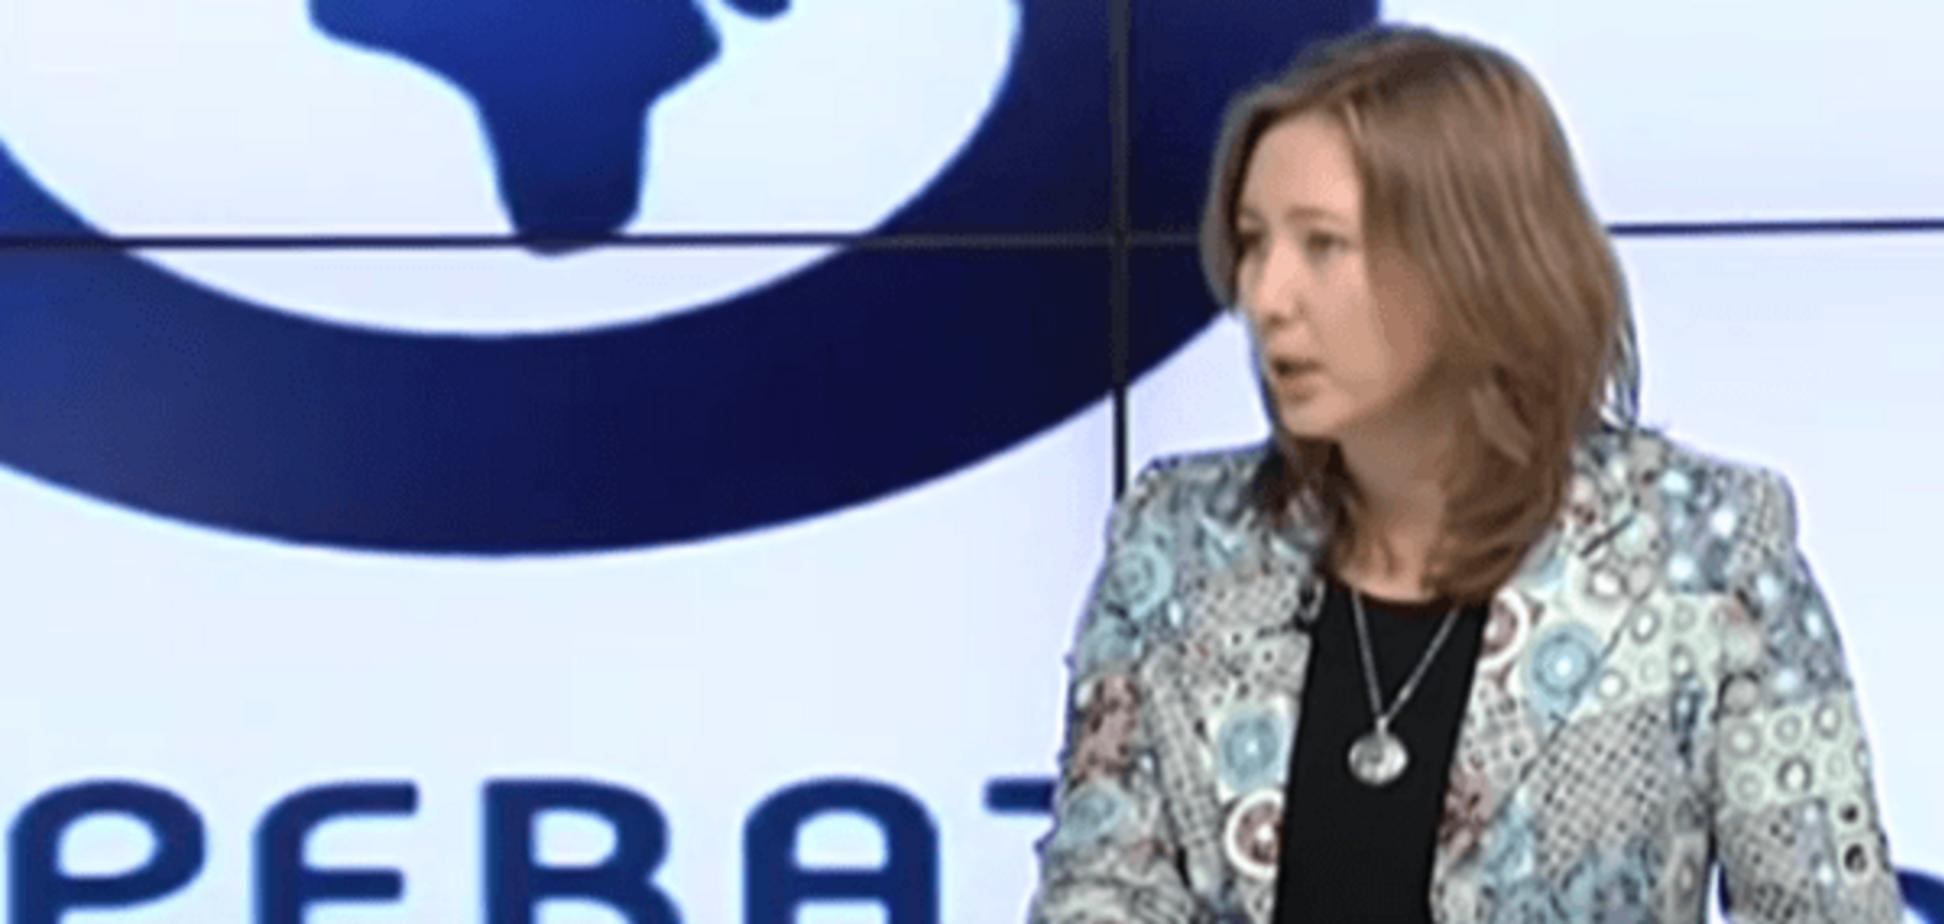 Правозащитница рассказала, как в Крыму борются с инакомыслием